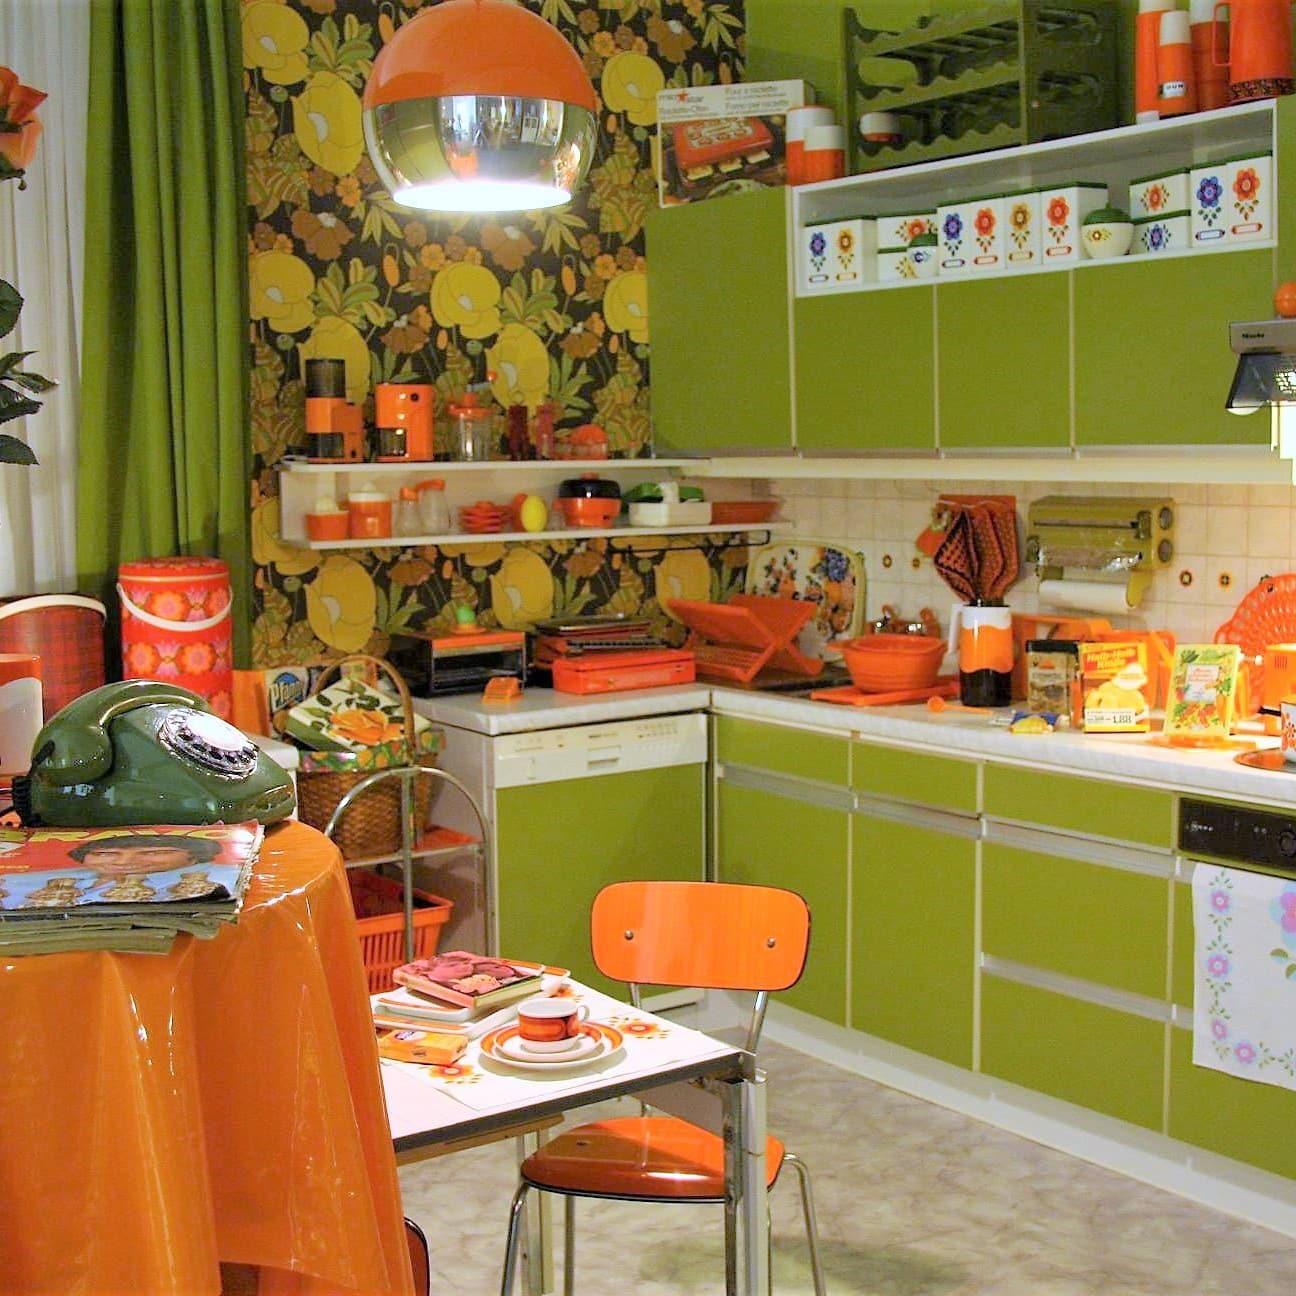 style hannover wok museum 70er Jahre Kueche INSTA - Die besten Freizeit-Aktivitäten für die Familie